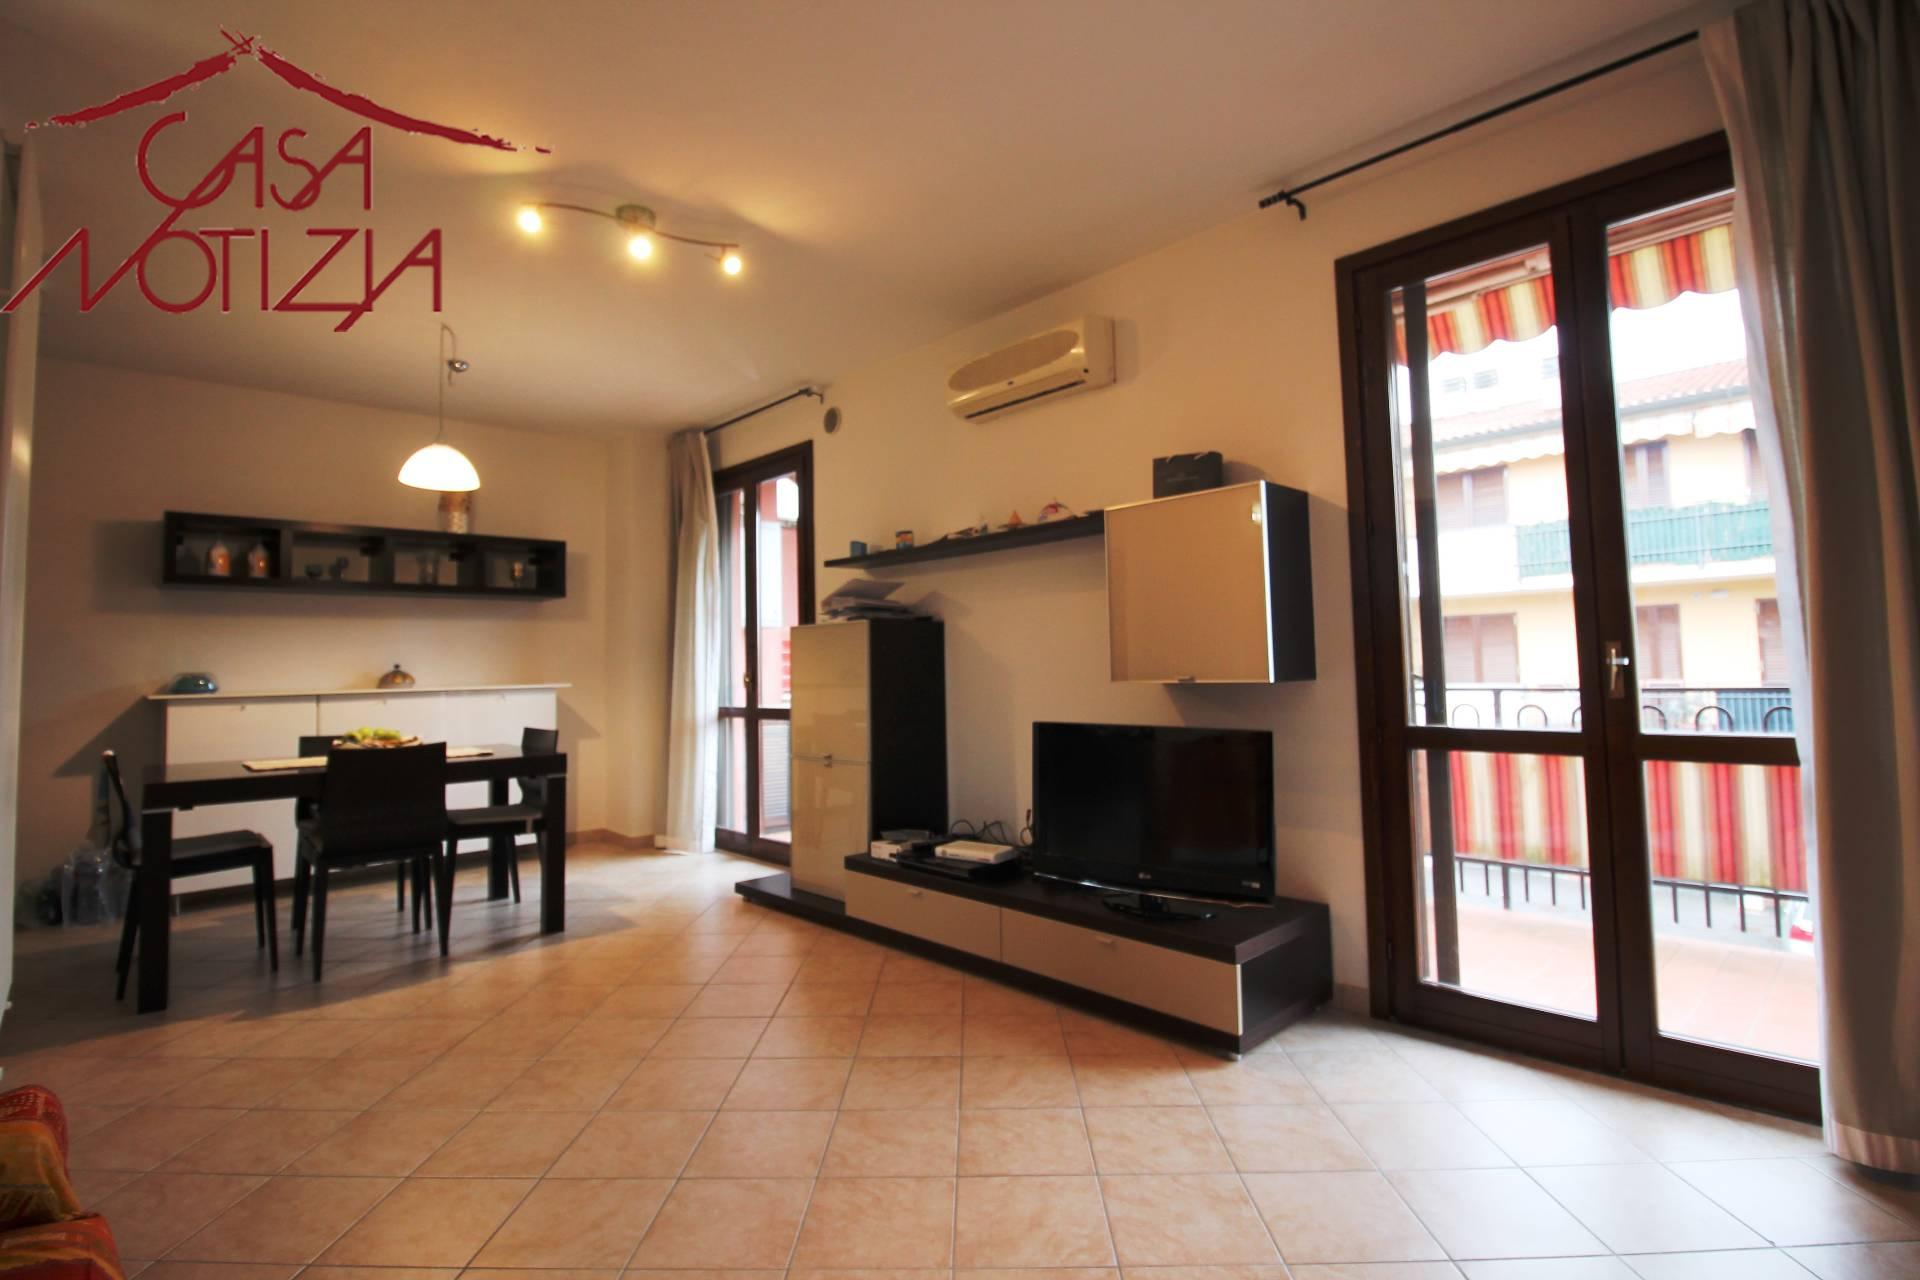 Appartamento in vendita a Capannori, 3 locali, zona Località: PieveSanPaolo, prezzo € 163.000 | PortaleAgenzieImmobiliari.it